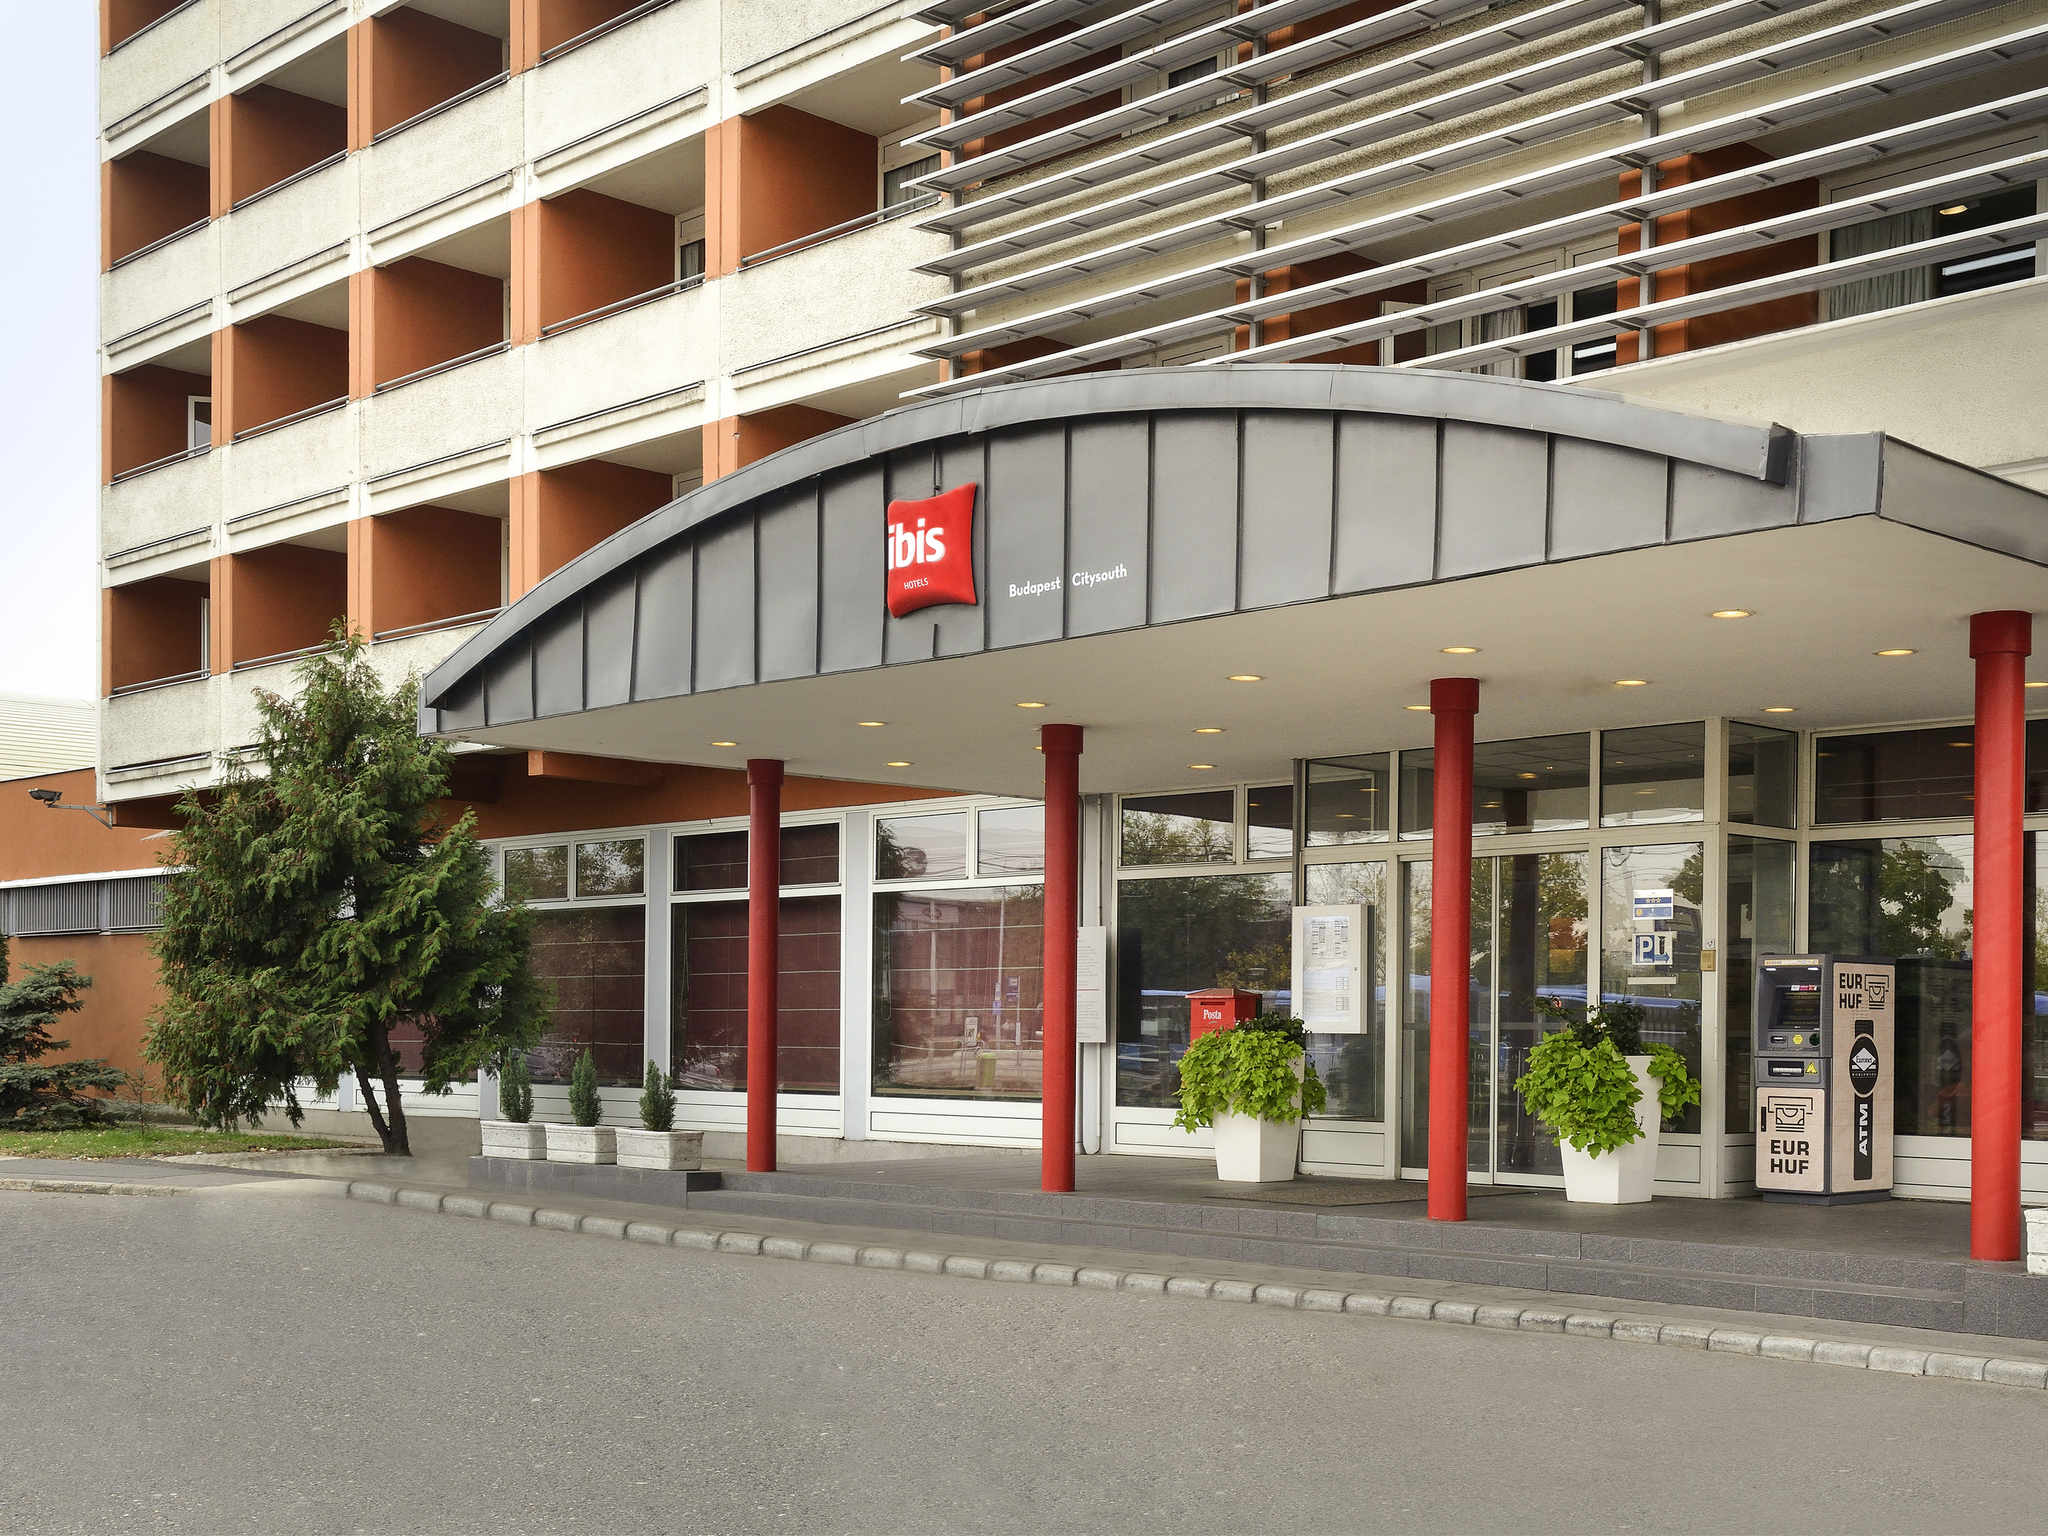 ホテル – イビスブダペストアエロ